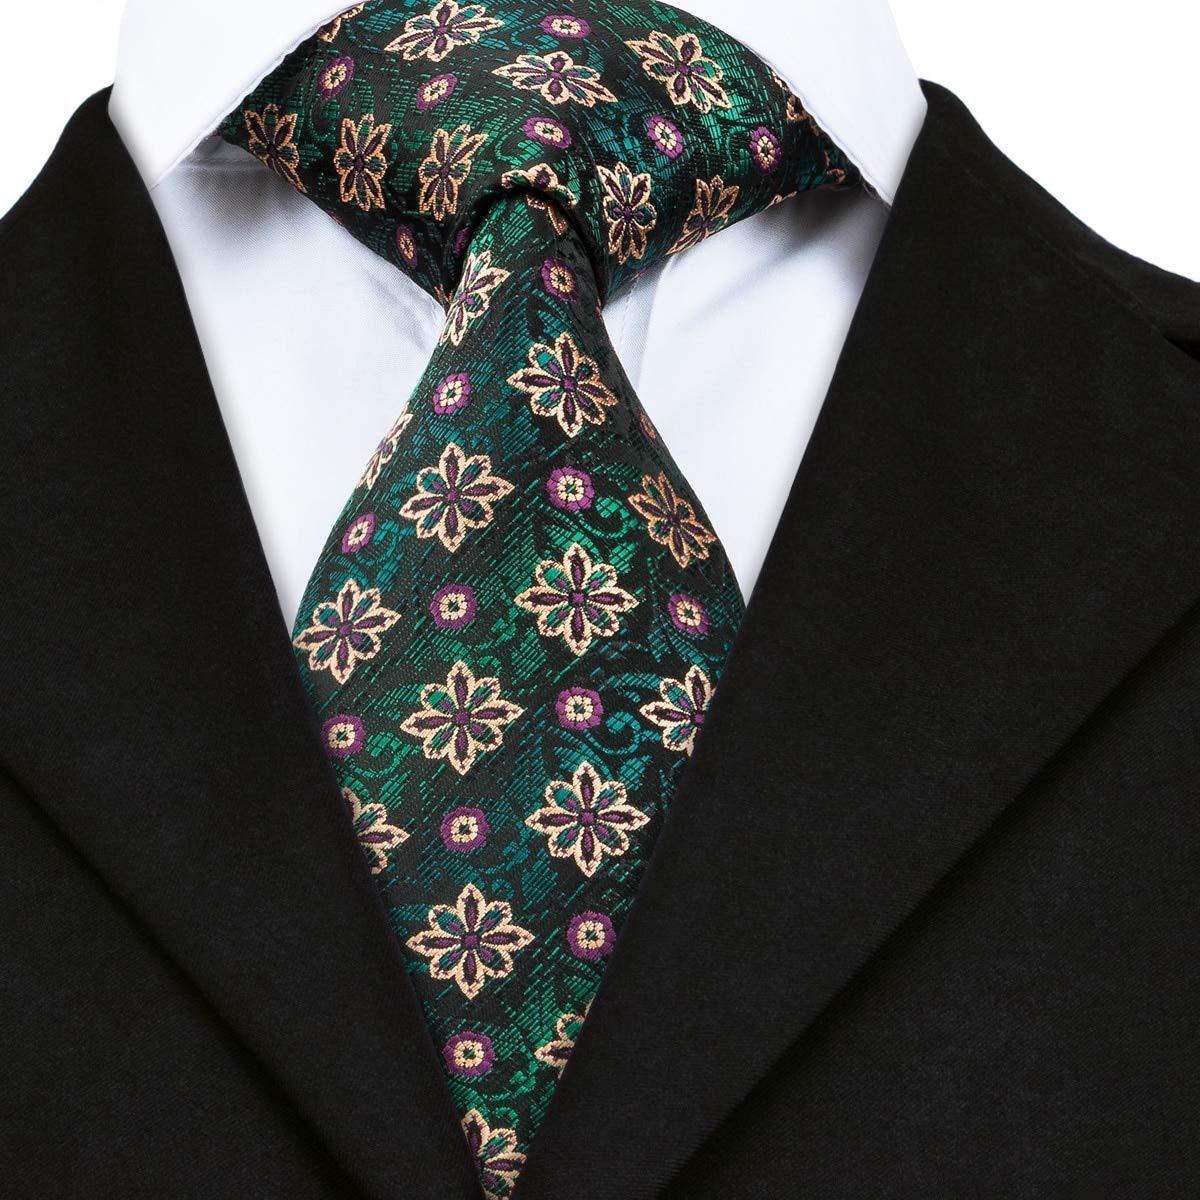 IG Corbata de moda Sn-1666 Corbatas tejidas verdes para hombres ...